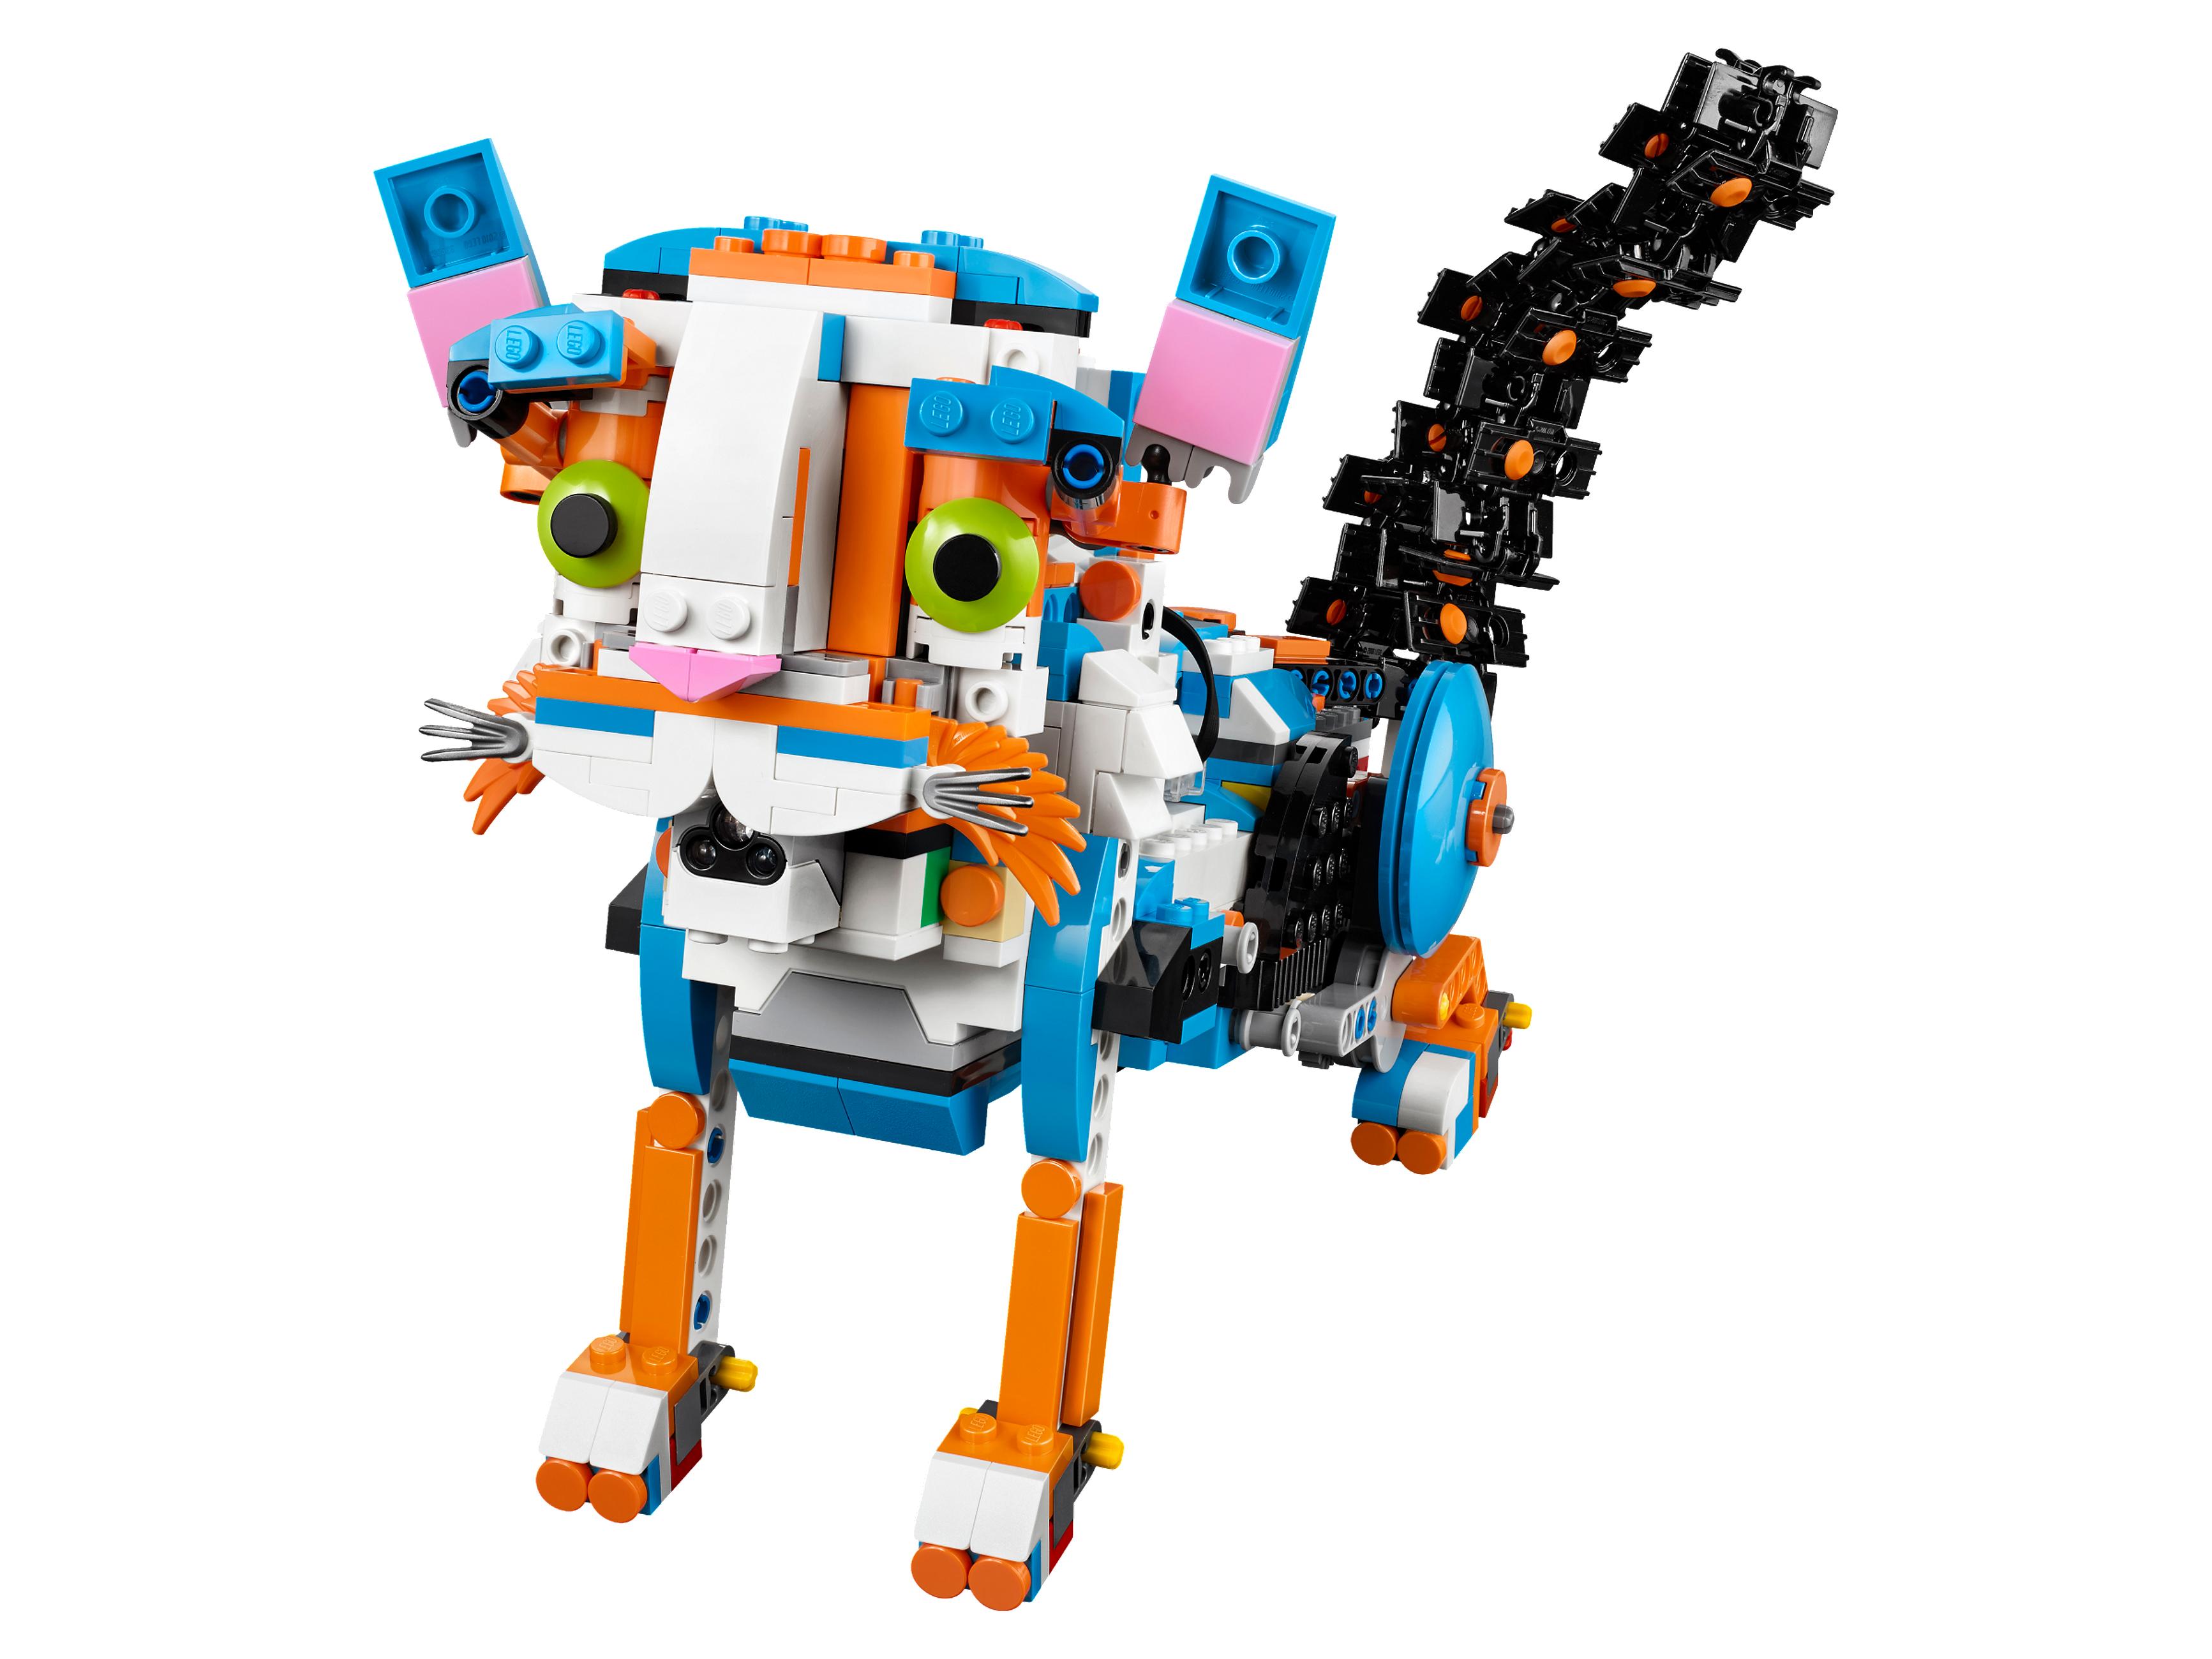 лего робот кот Верни Фрэнки